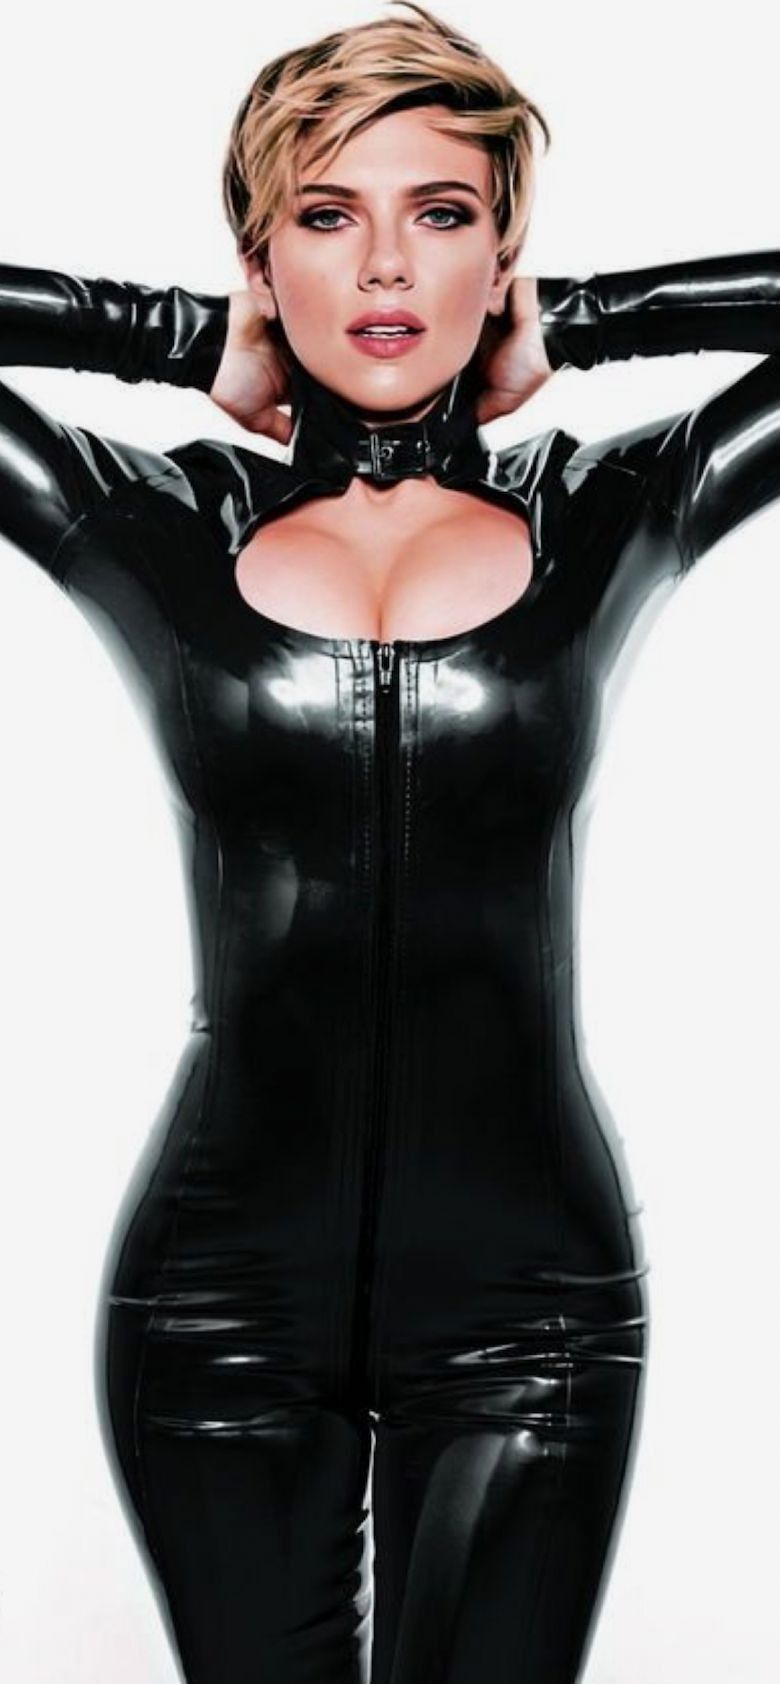 zwarte weduwe Sex zwarte kont en Pussy pics